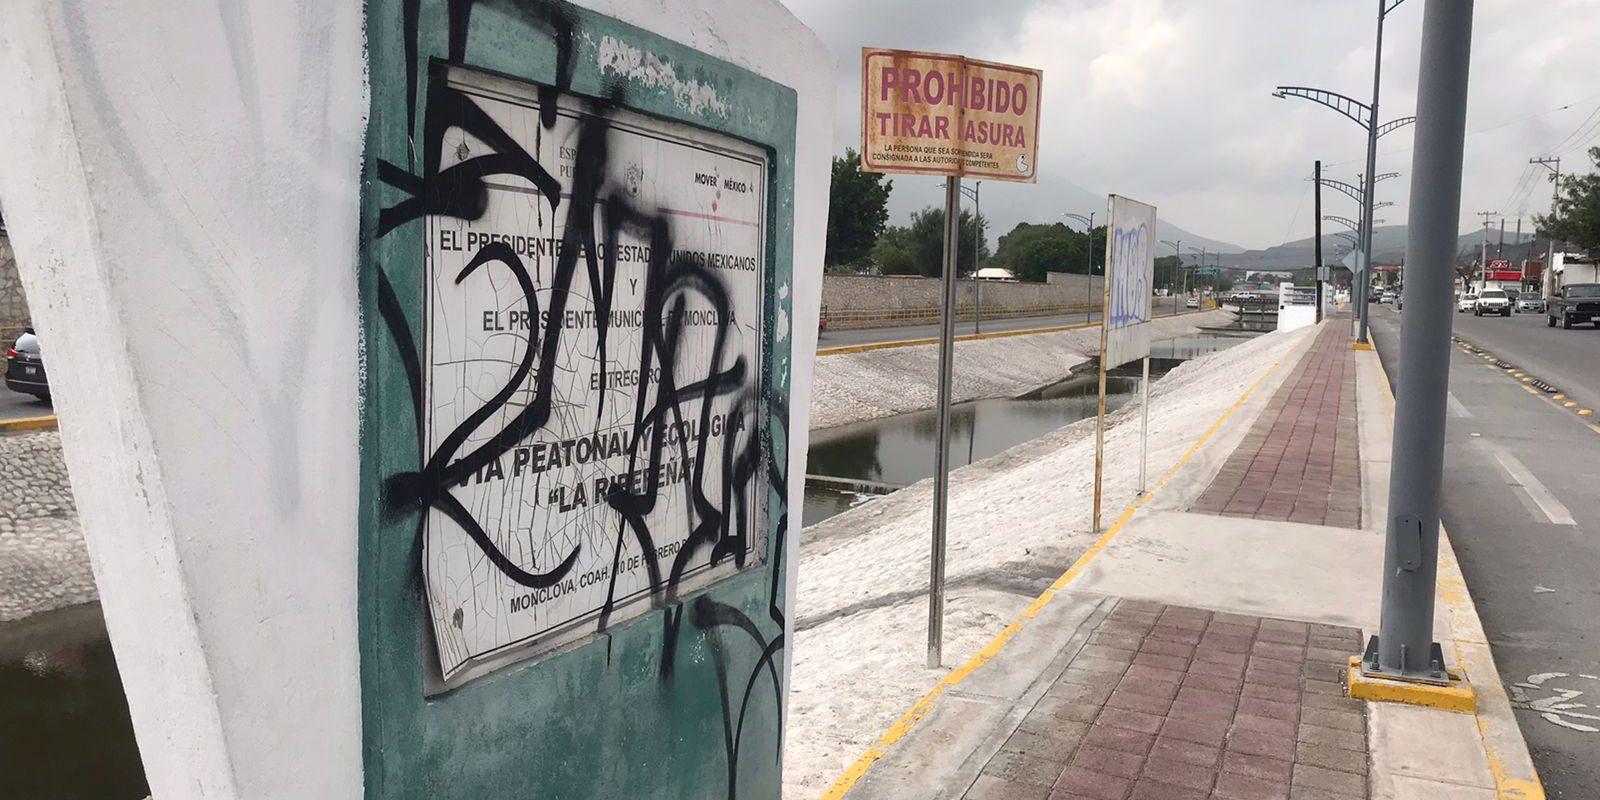 Policías de Monclova cuidarán de forma pedestre, las calles de la Zona Centro por la noche